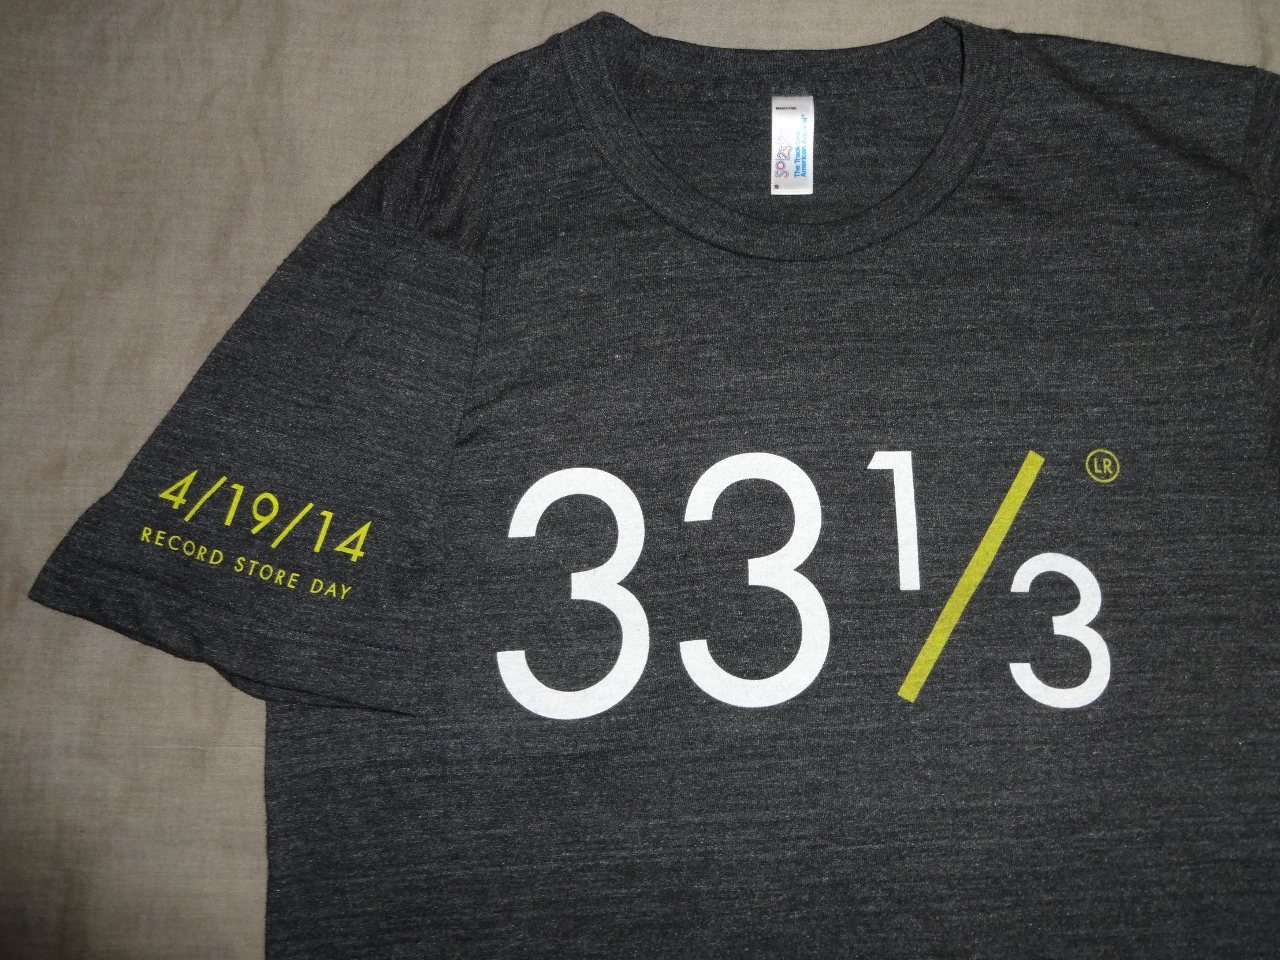 DSC03733 (2) (1280x960)